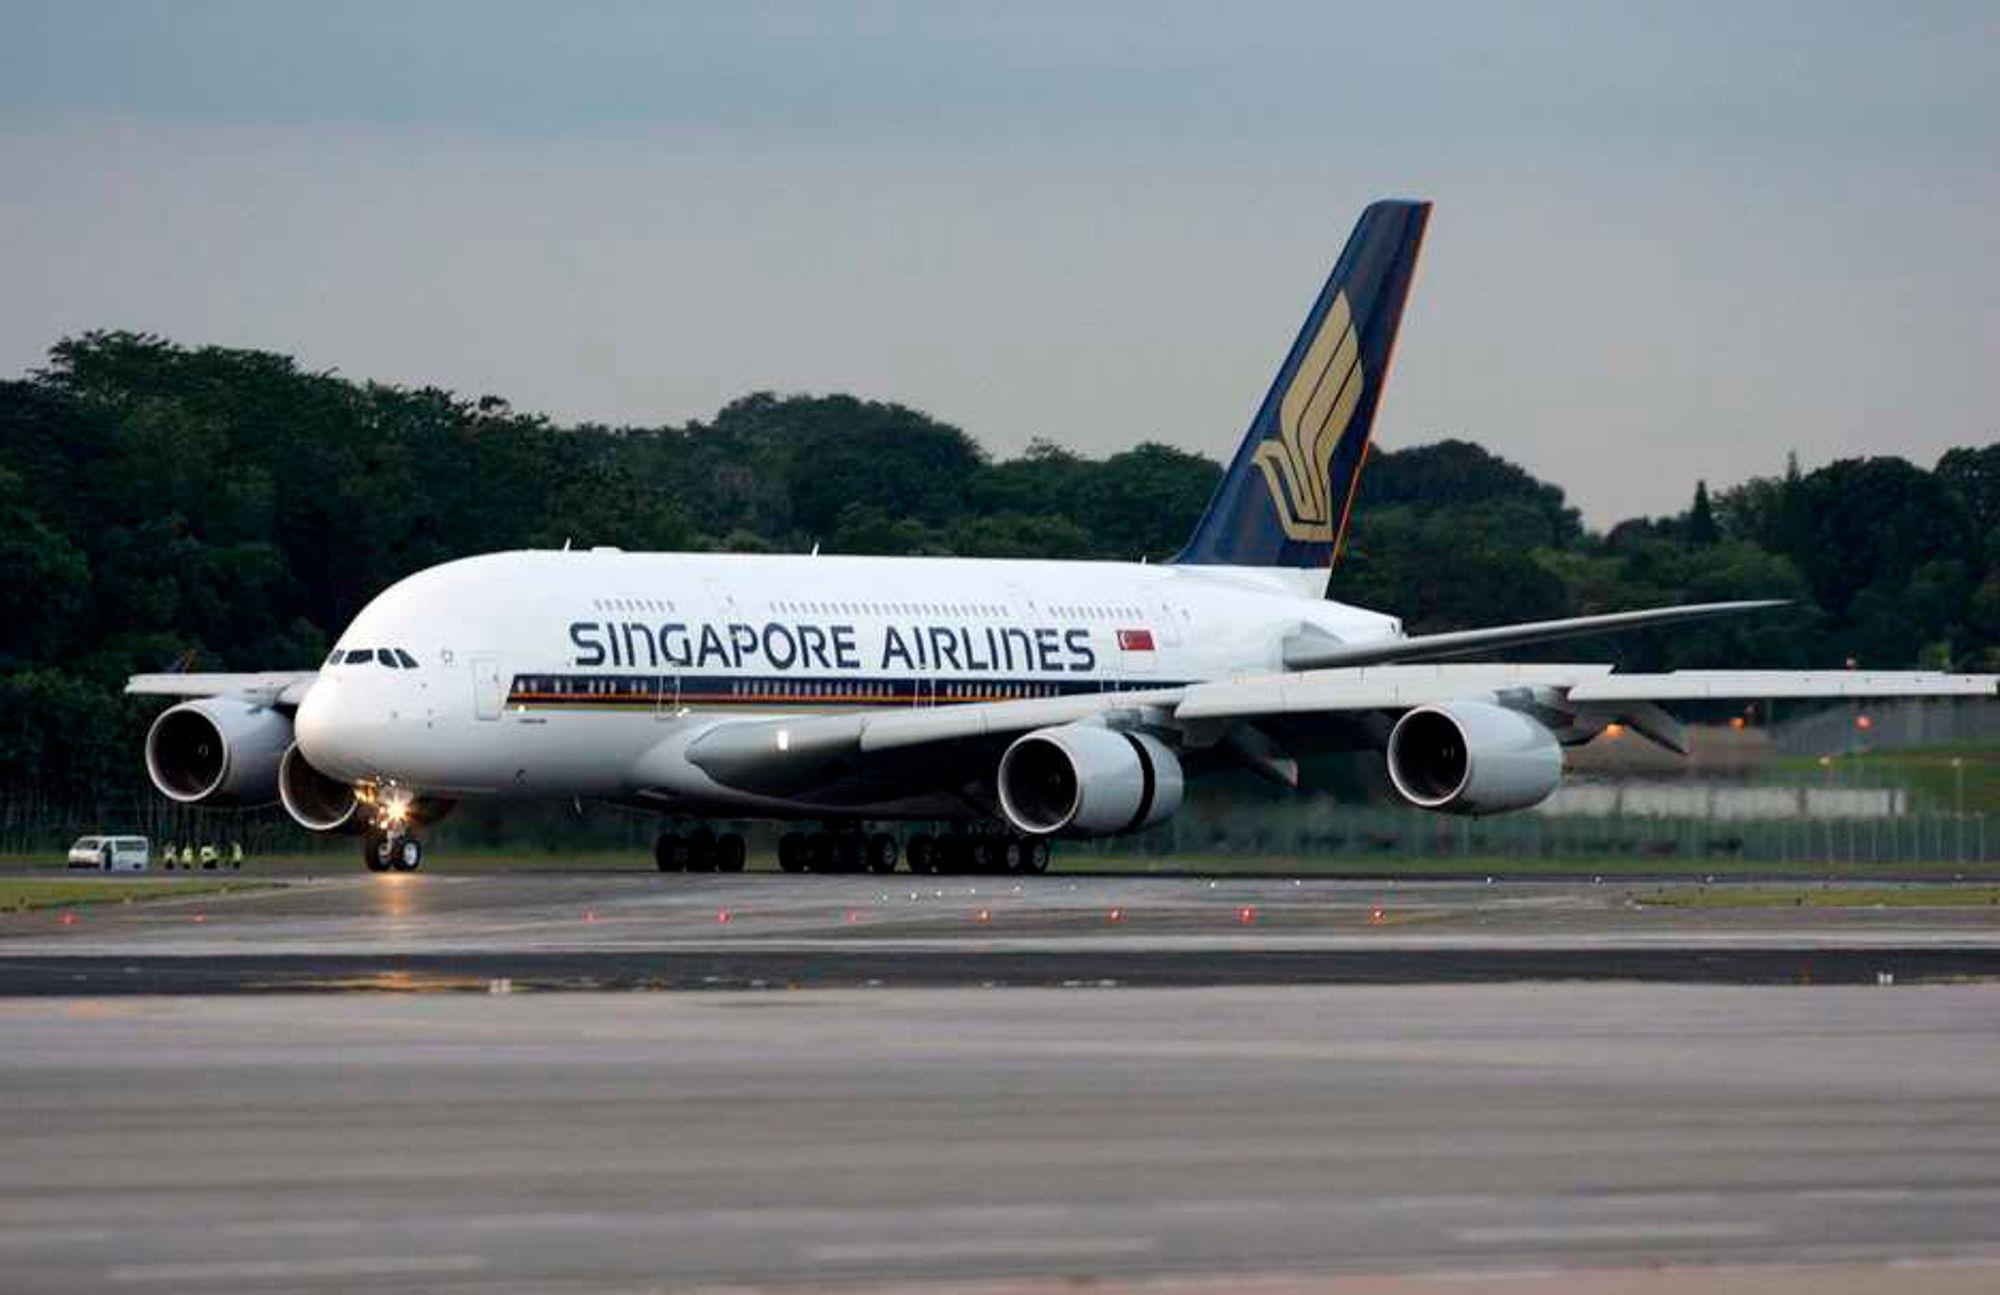 Et Airbus 380-800 fra Singapore Airlines returnerte til Paris i går da strømmen gikk på byssa. For tre måneder siden var det motorproblemer som gjorde at flyet måtte vende snuta tilbake til Charles de Gaulle.